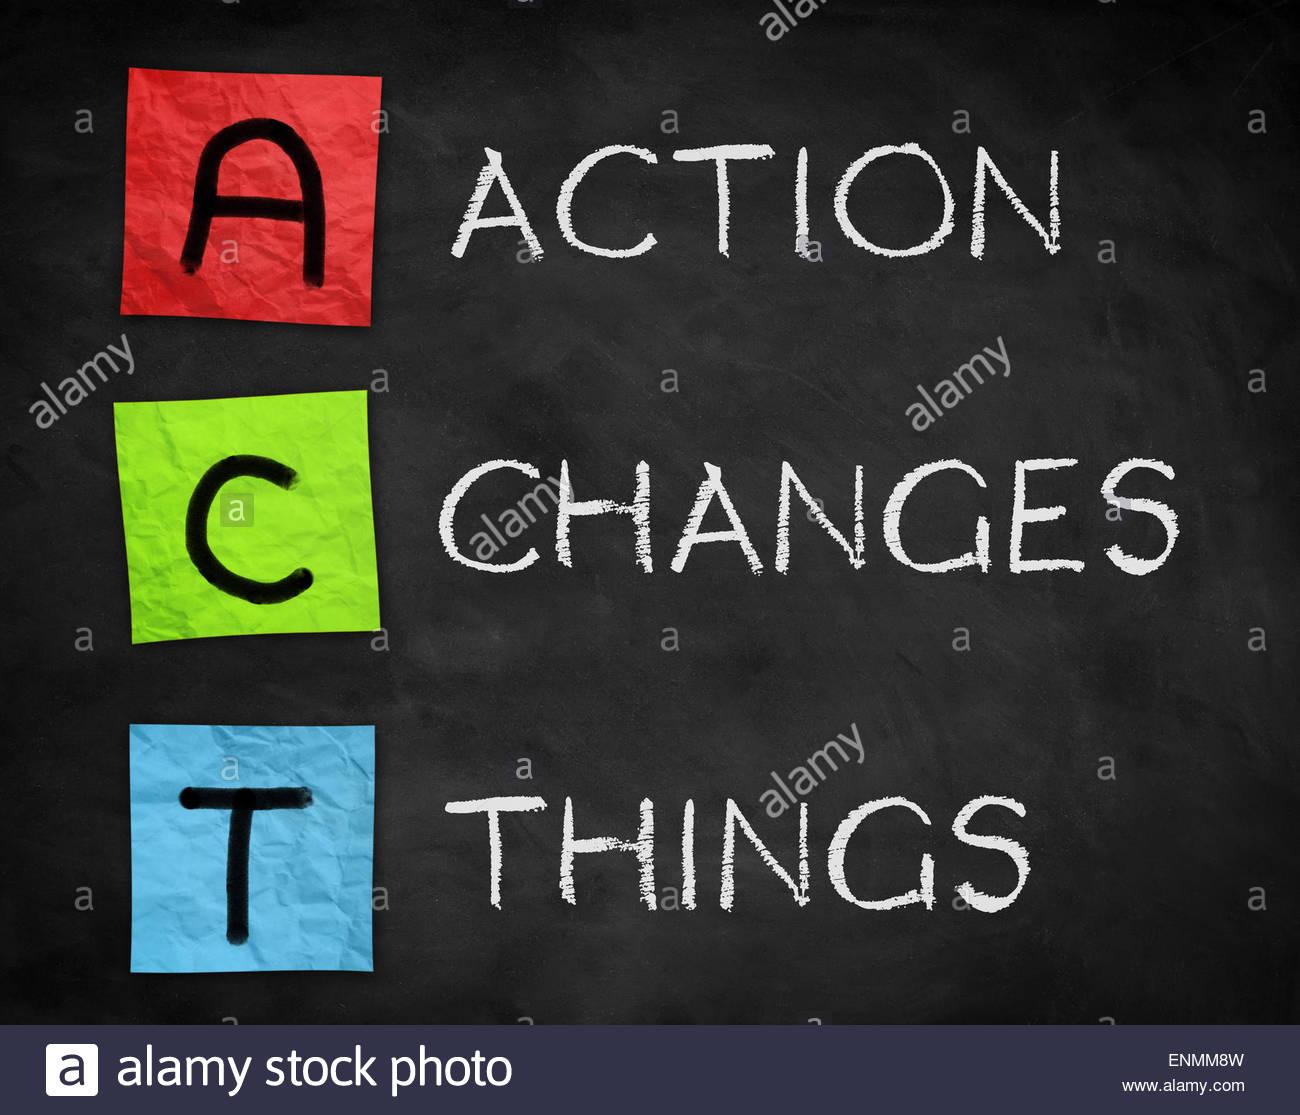 Aktion die Dinge ändert Stockbild